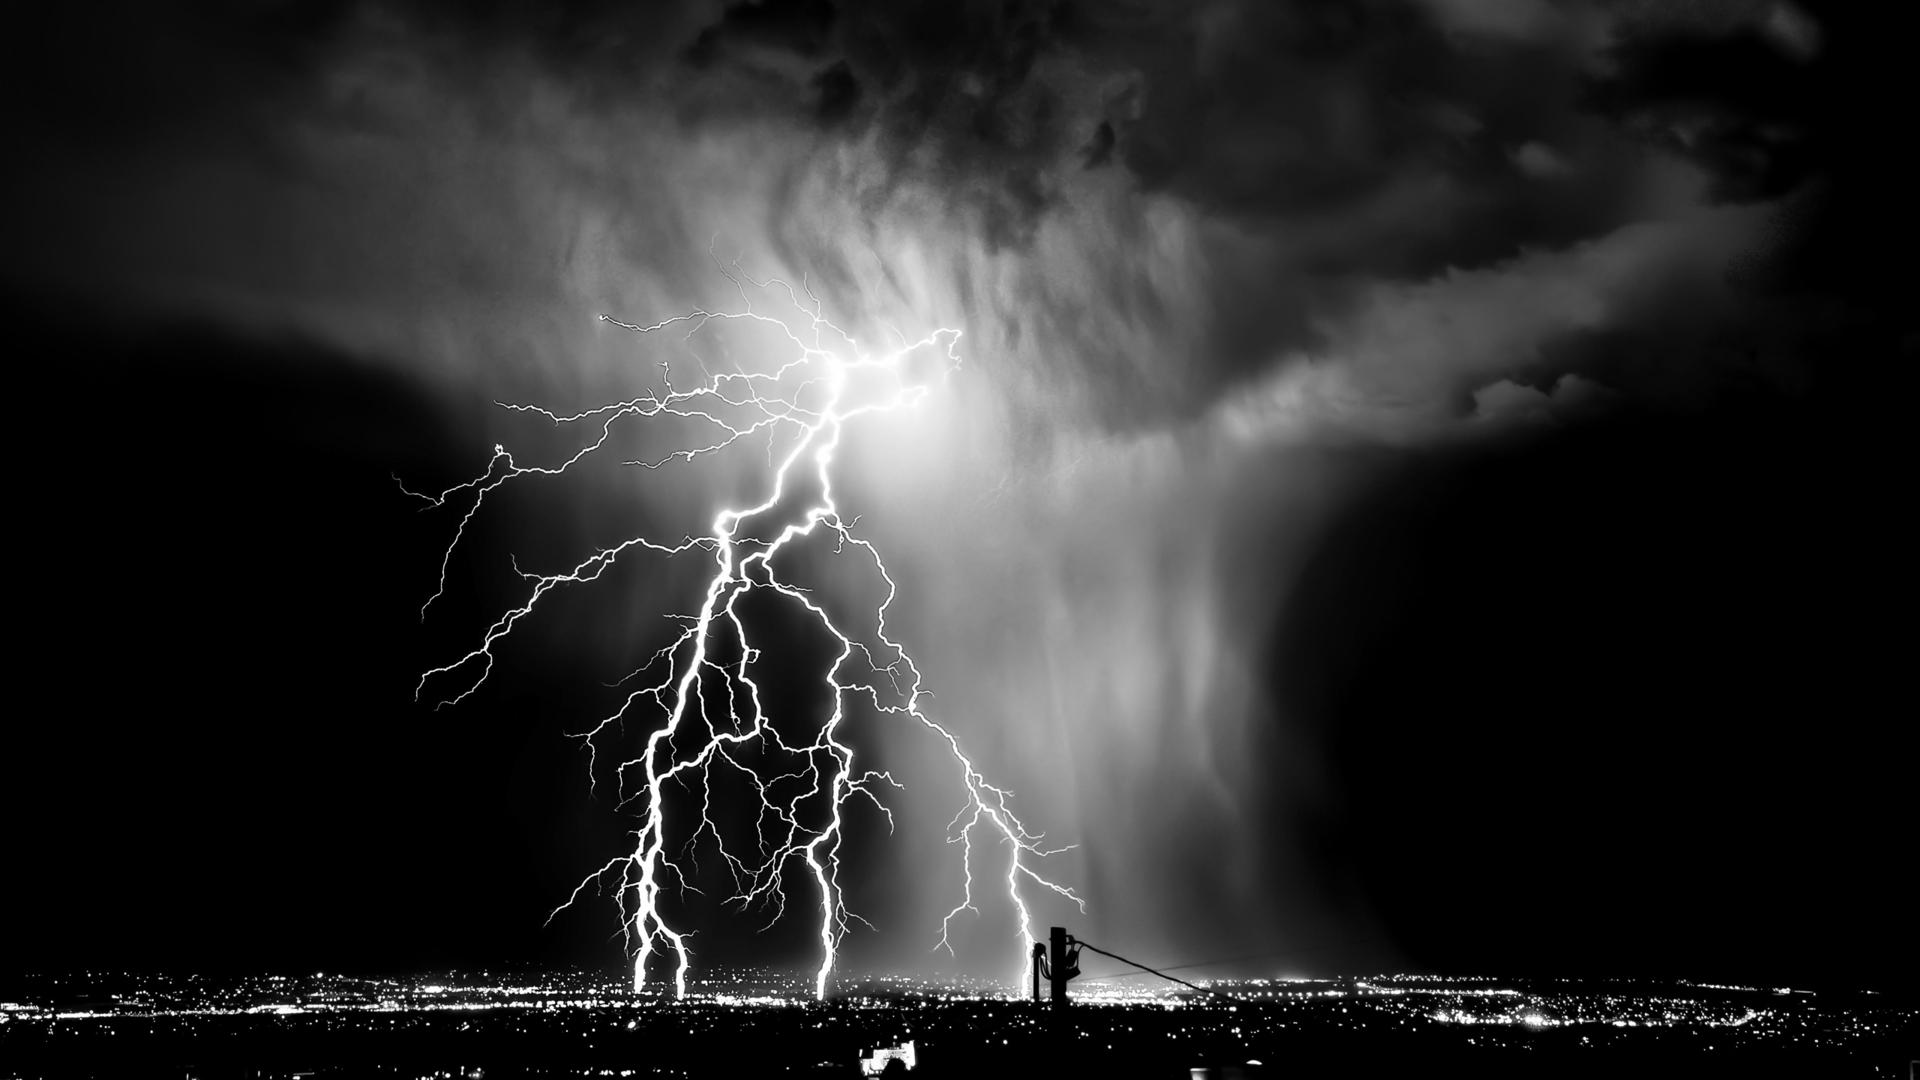 Lightning Black And White wallpaper   889318 1920x1080